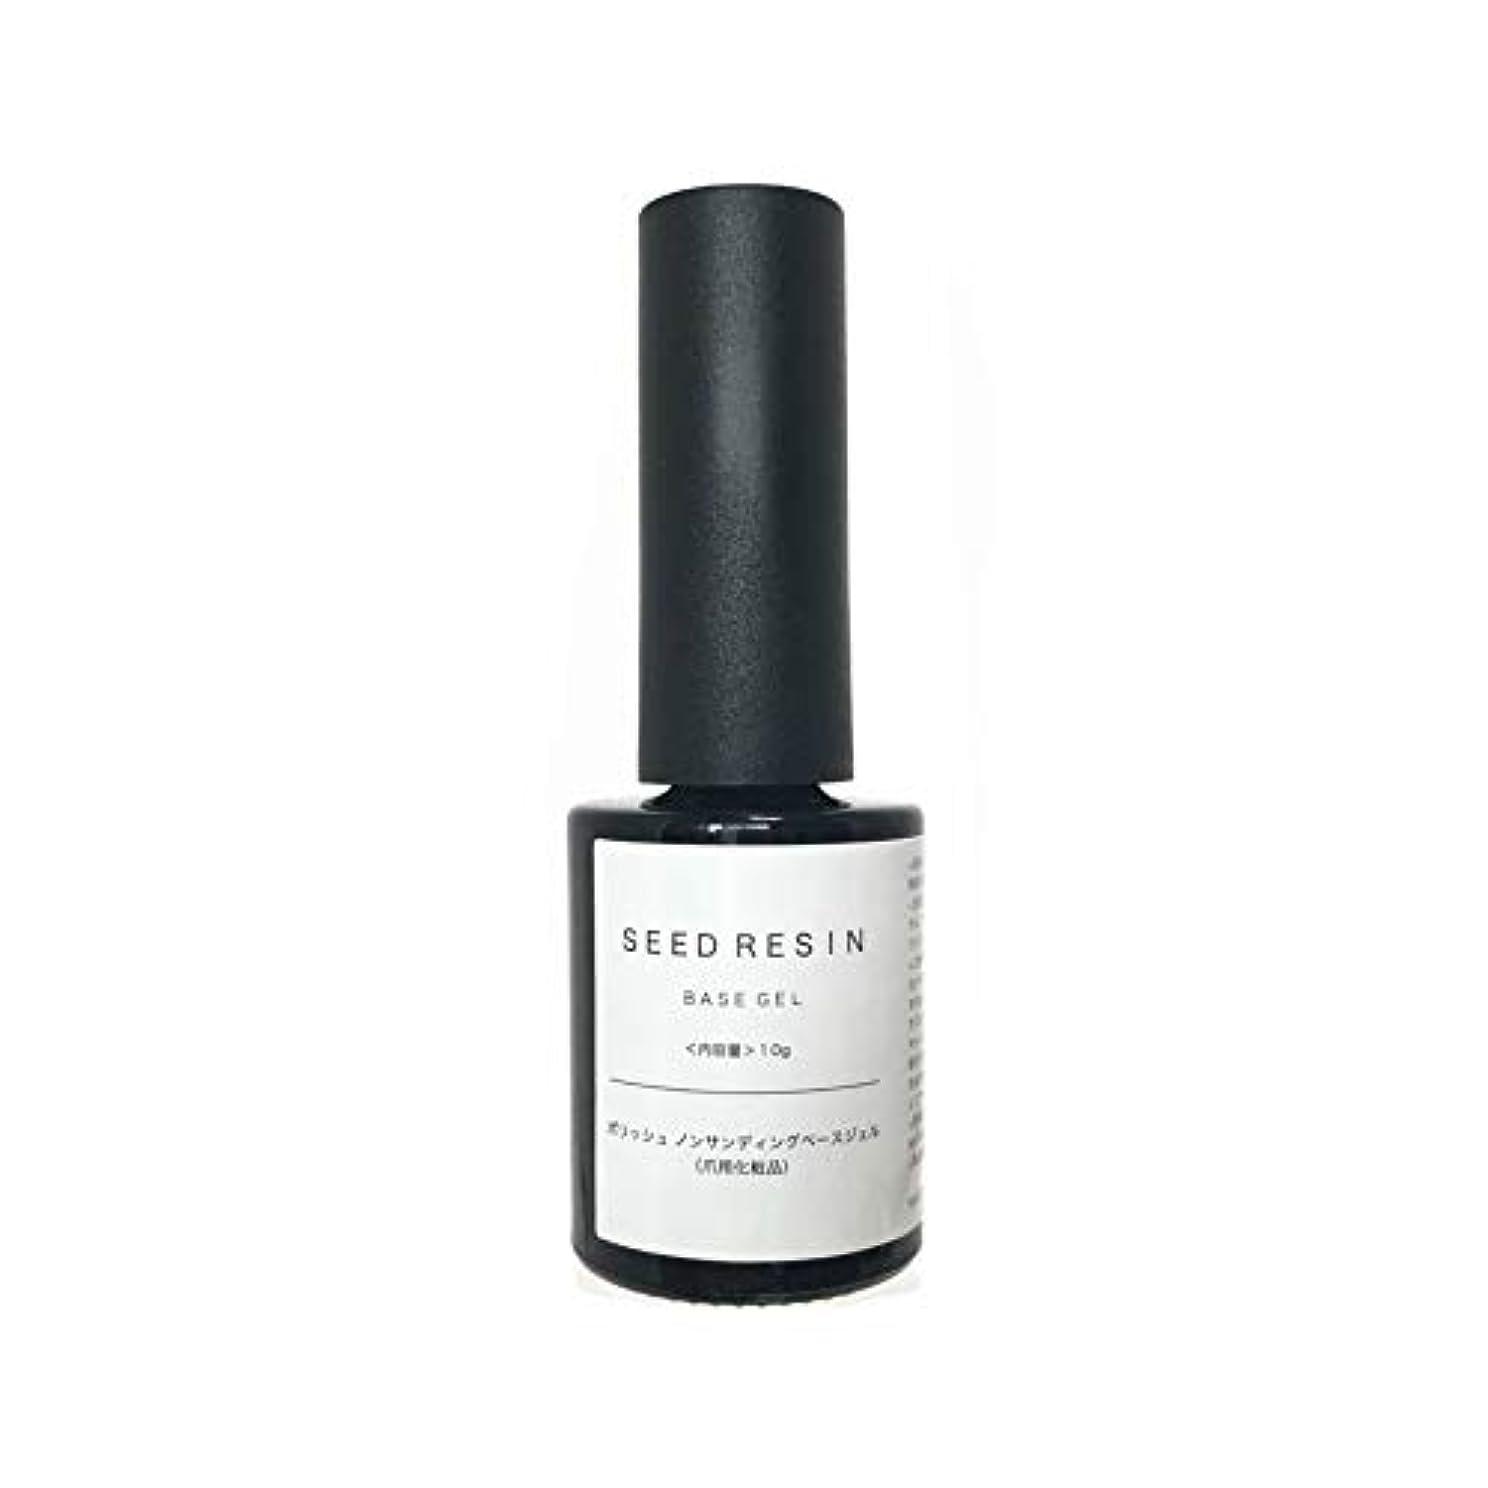 ブレース外向き道に迷いましたSEED RESIN(シードレジン) ジェルネイル ポリッシュ ノンサンディング ベースジェル 10g 爪用化粧品 日本製